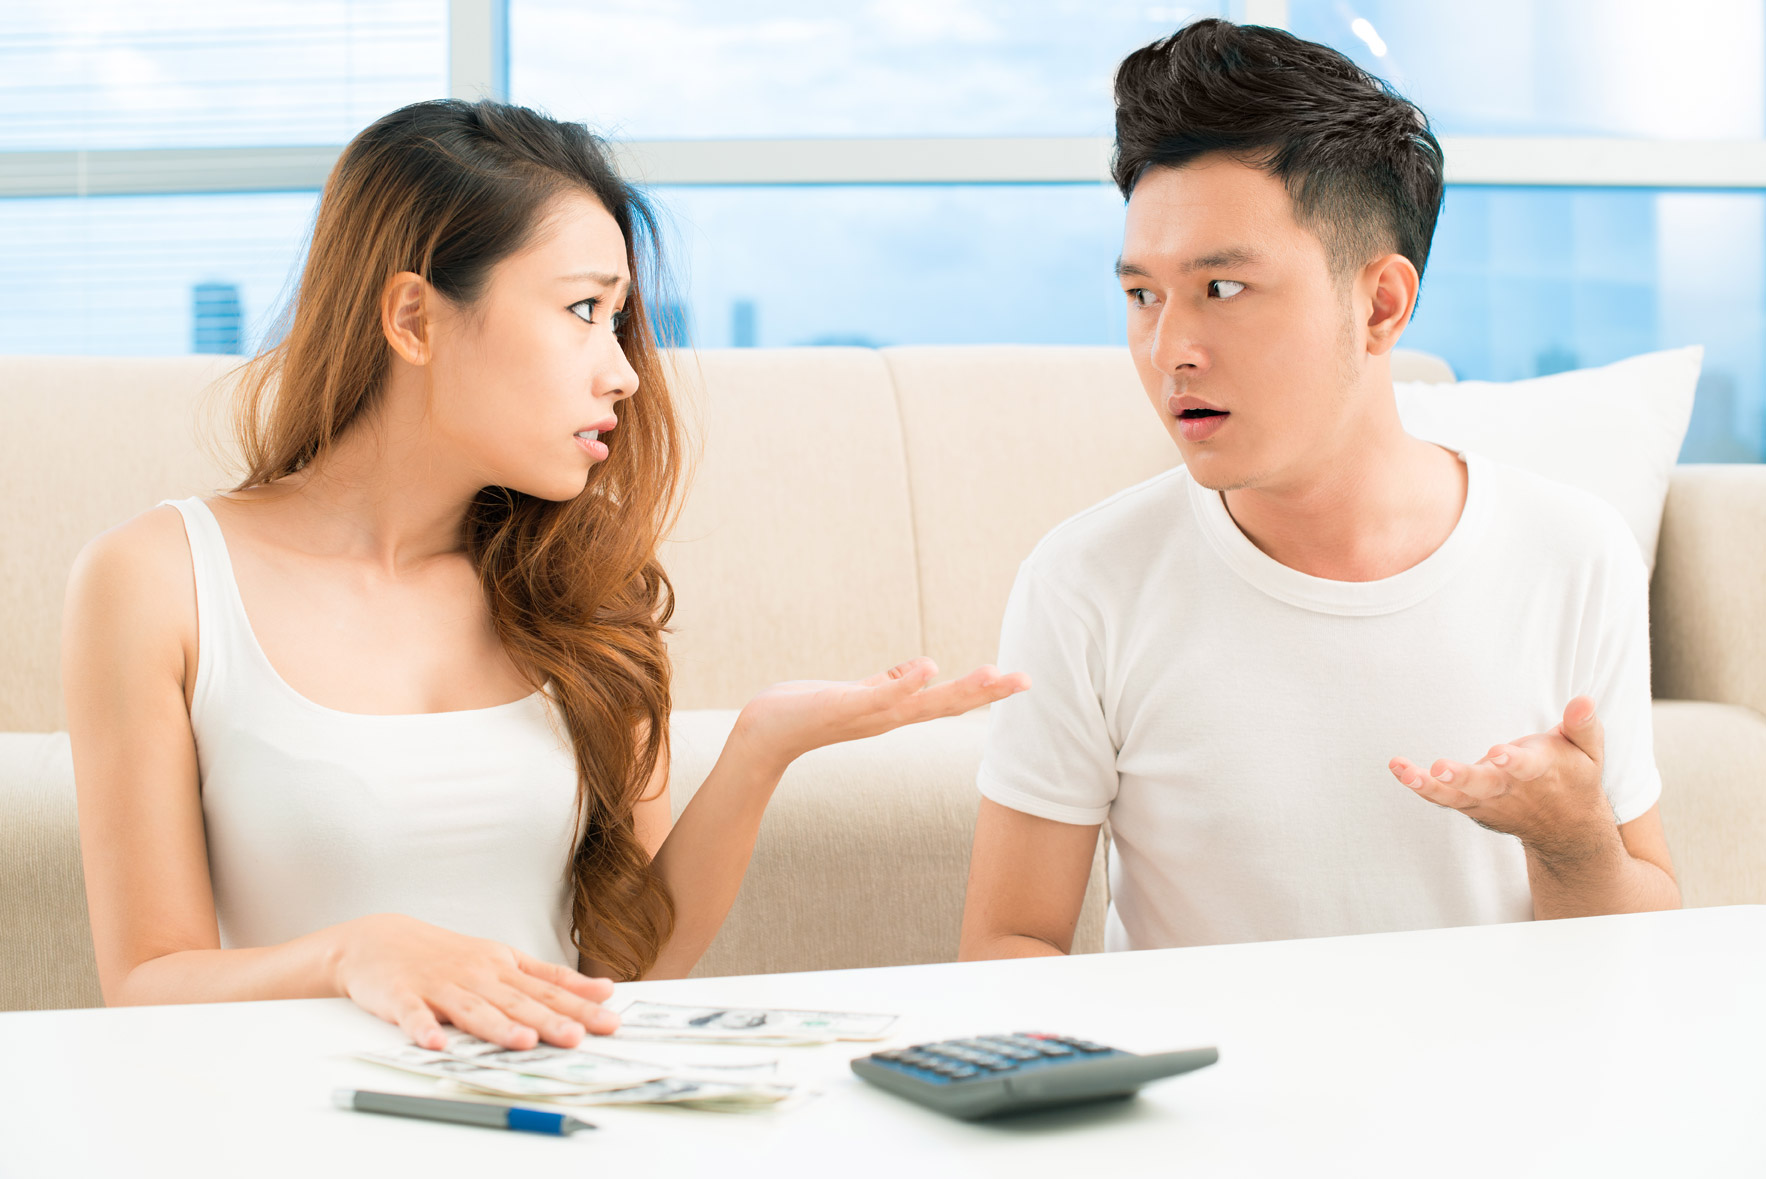 Nợ nần gây mâu thuẫn vợ chồng trong quản lý tài chính gia đình